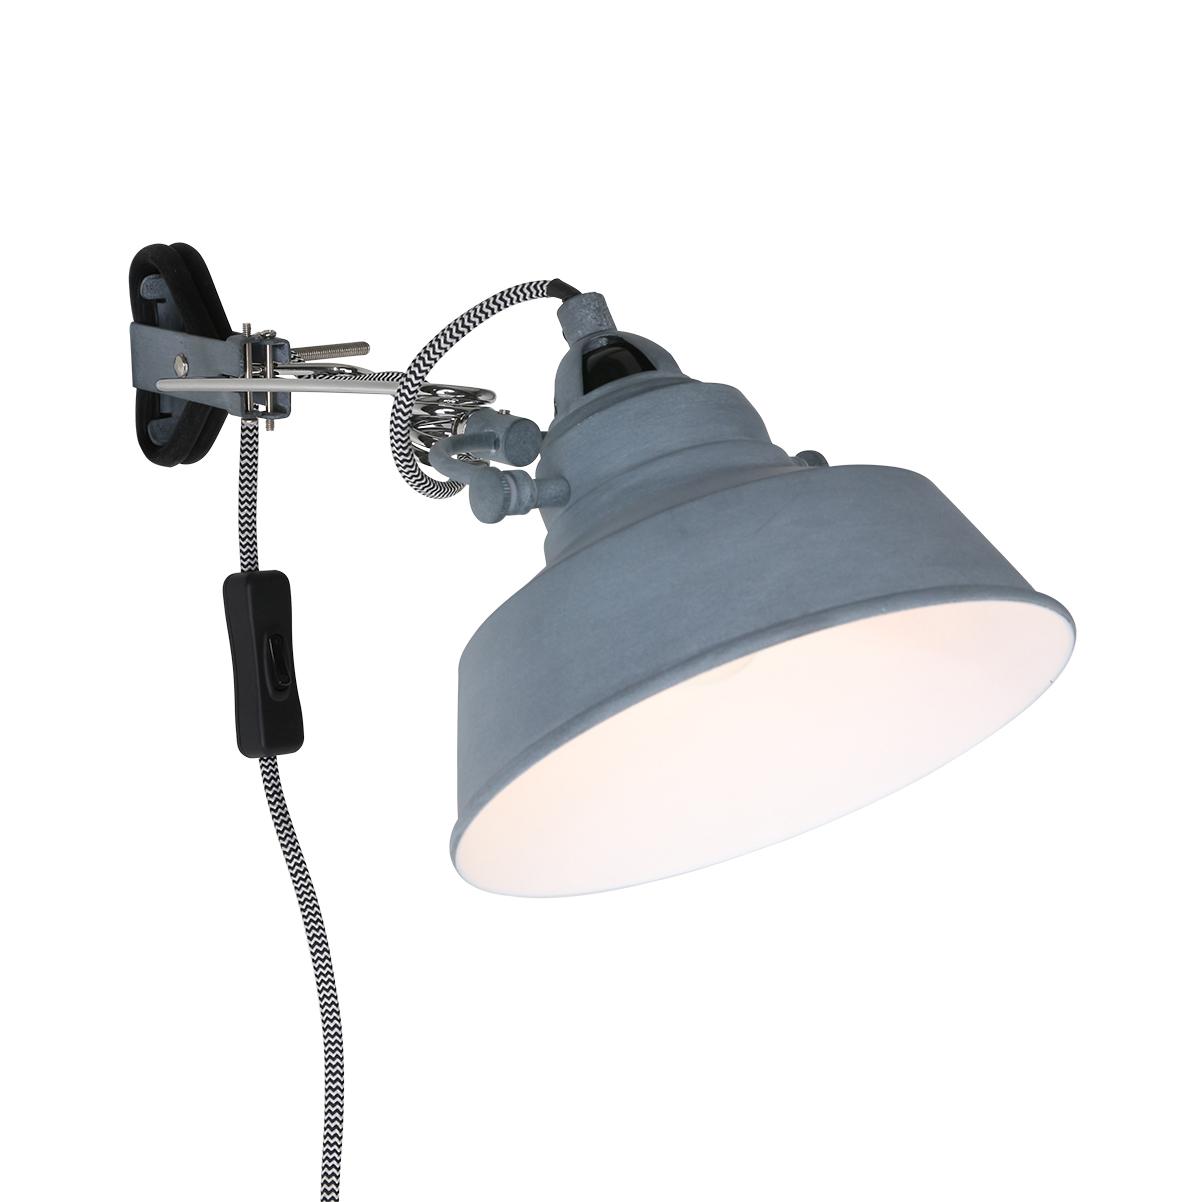 Tischleuchte Steinhauer Mexlite 7655W Vintage Schreibtischlampe Industrie-Design